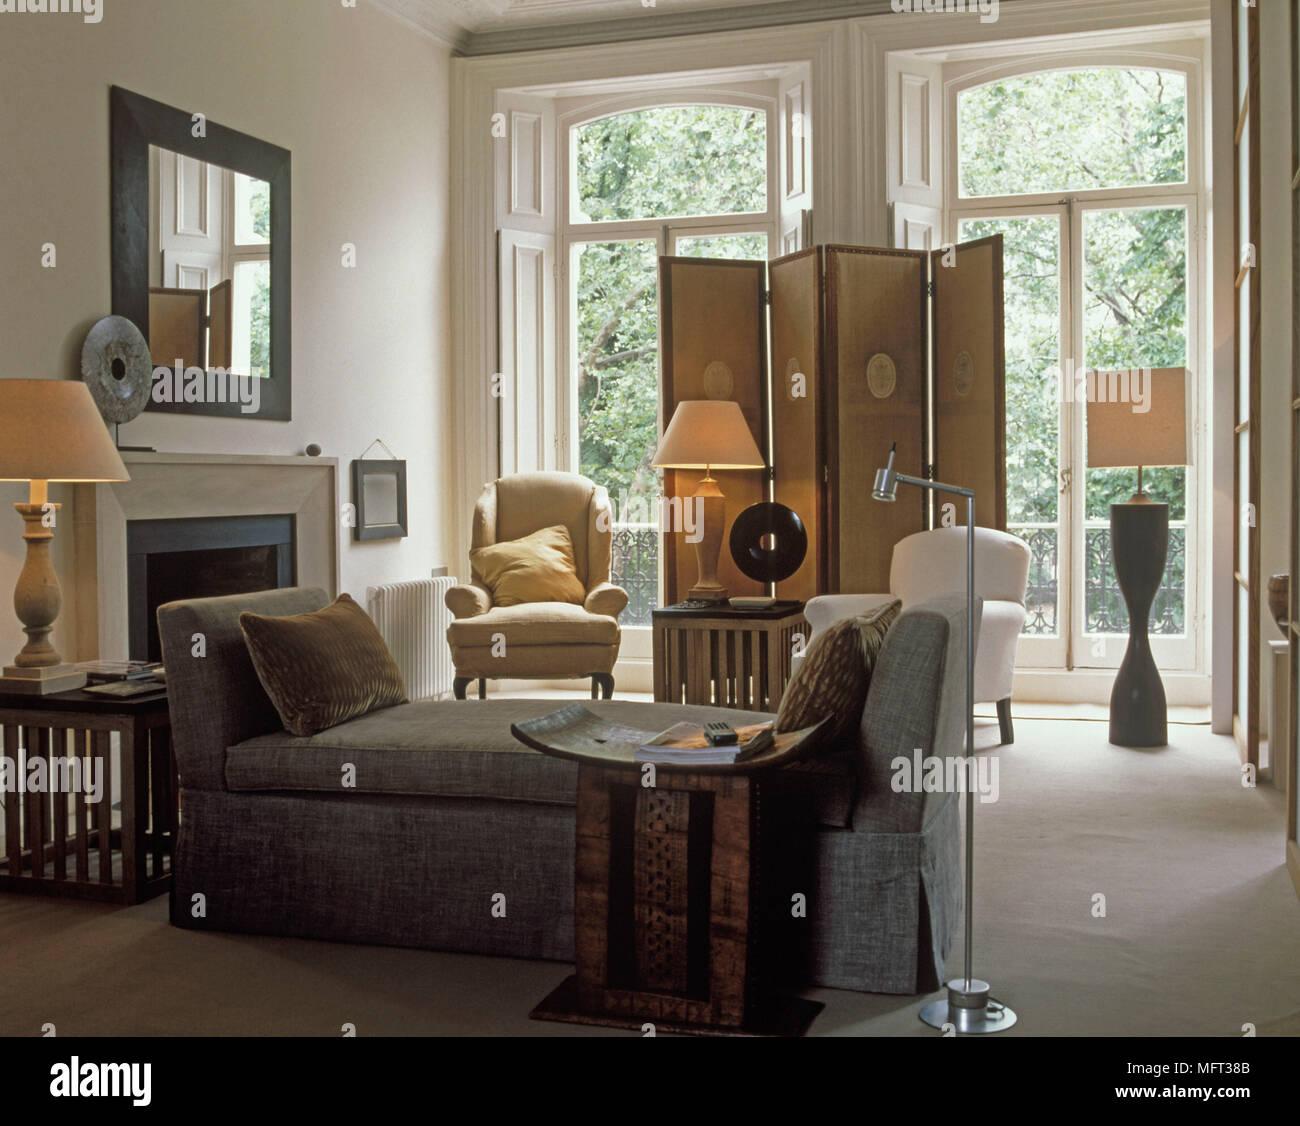 Moderne Wohnzimmer Cremefarbenen Wanden Windows Bildschirm Kamin